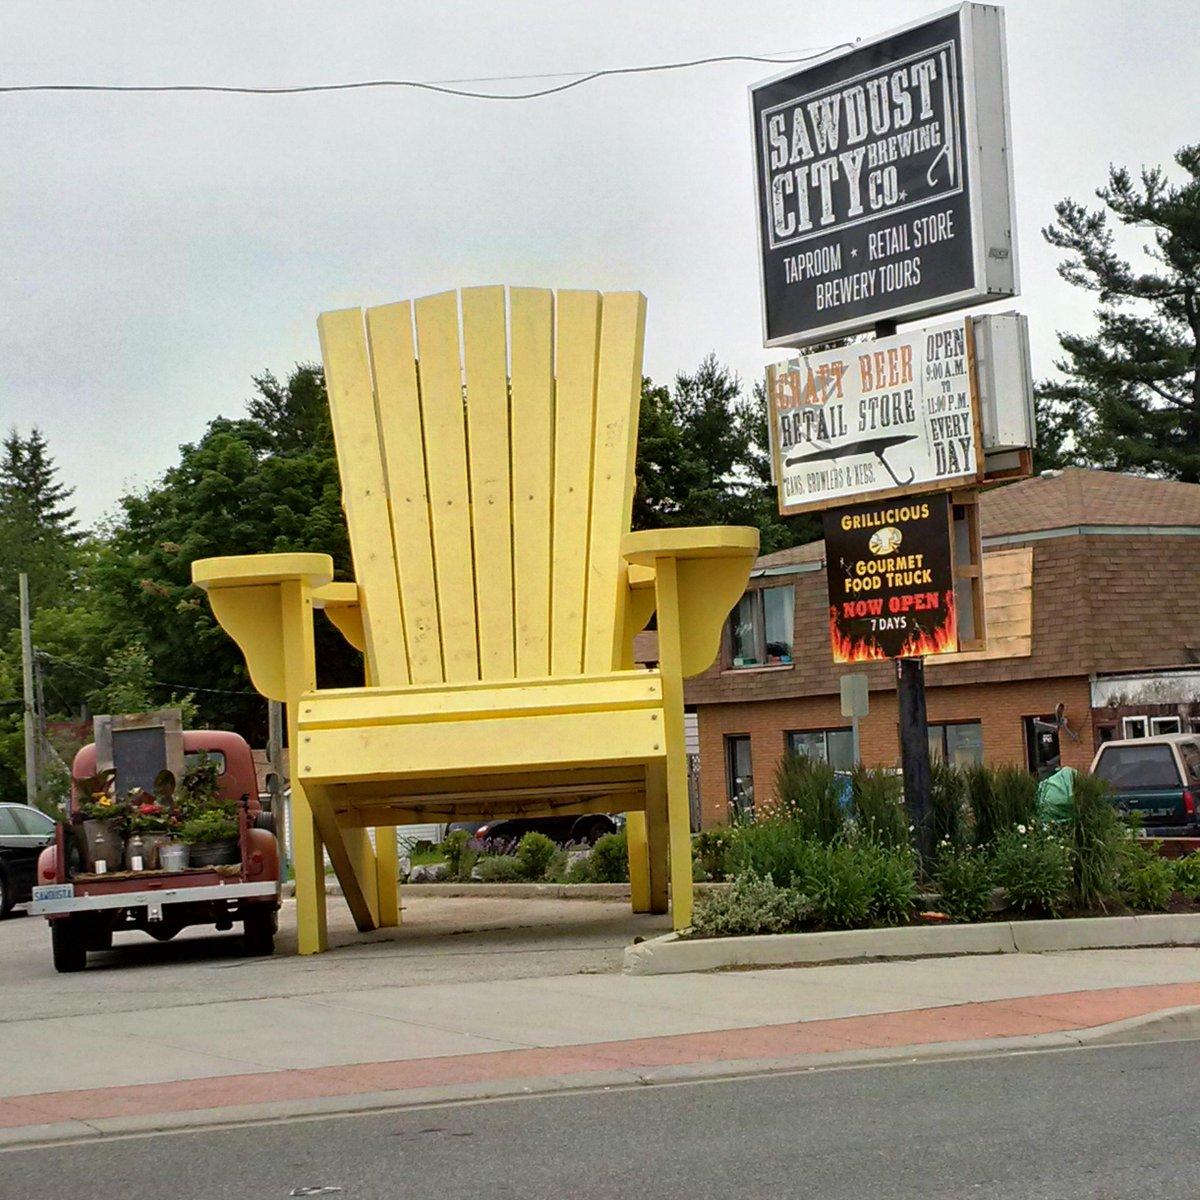 town of gravenhurst on twitter the big yellow muskoka chair has